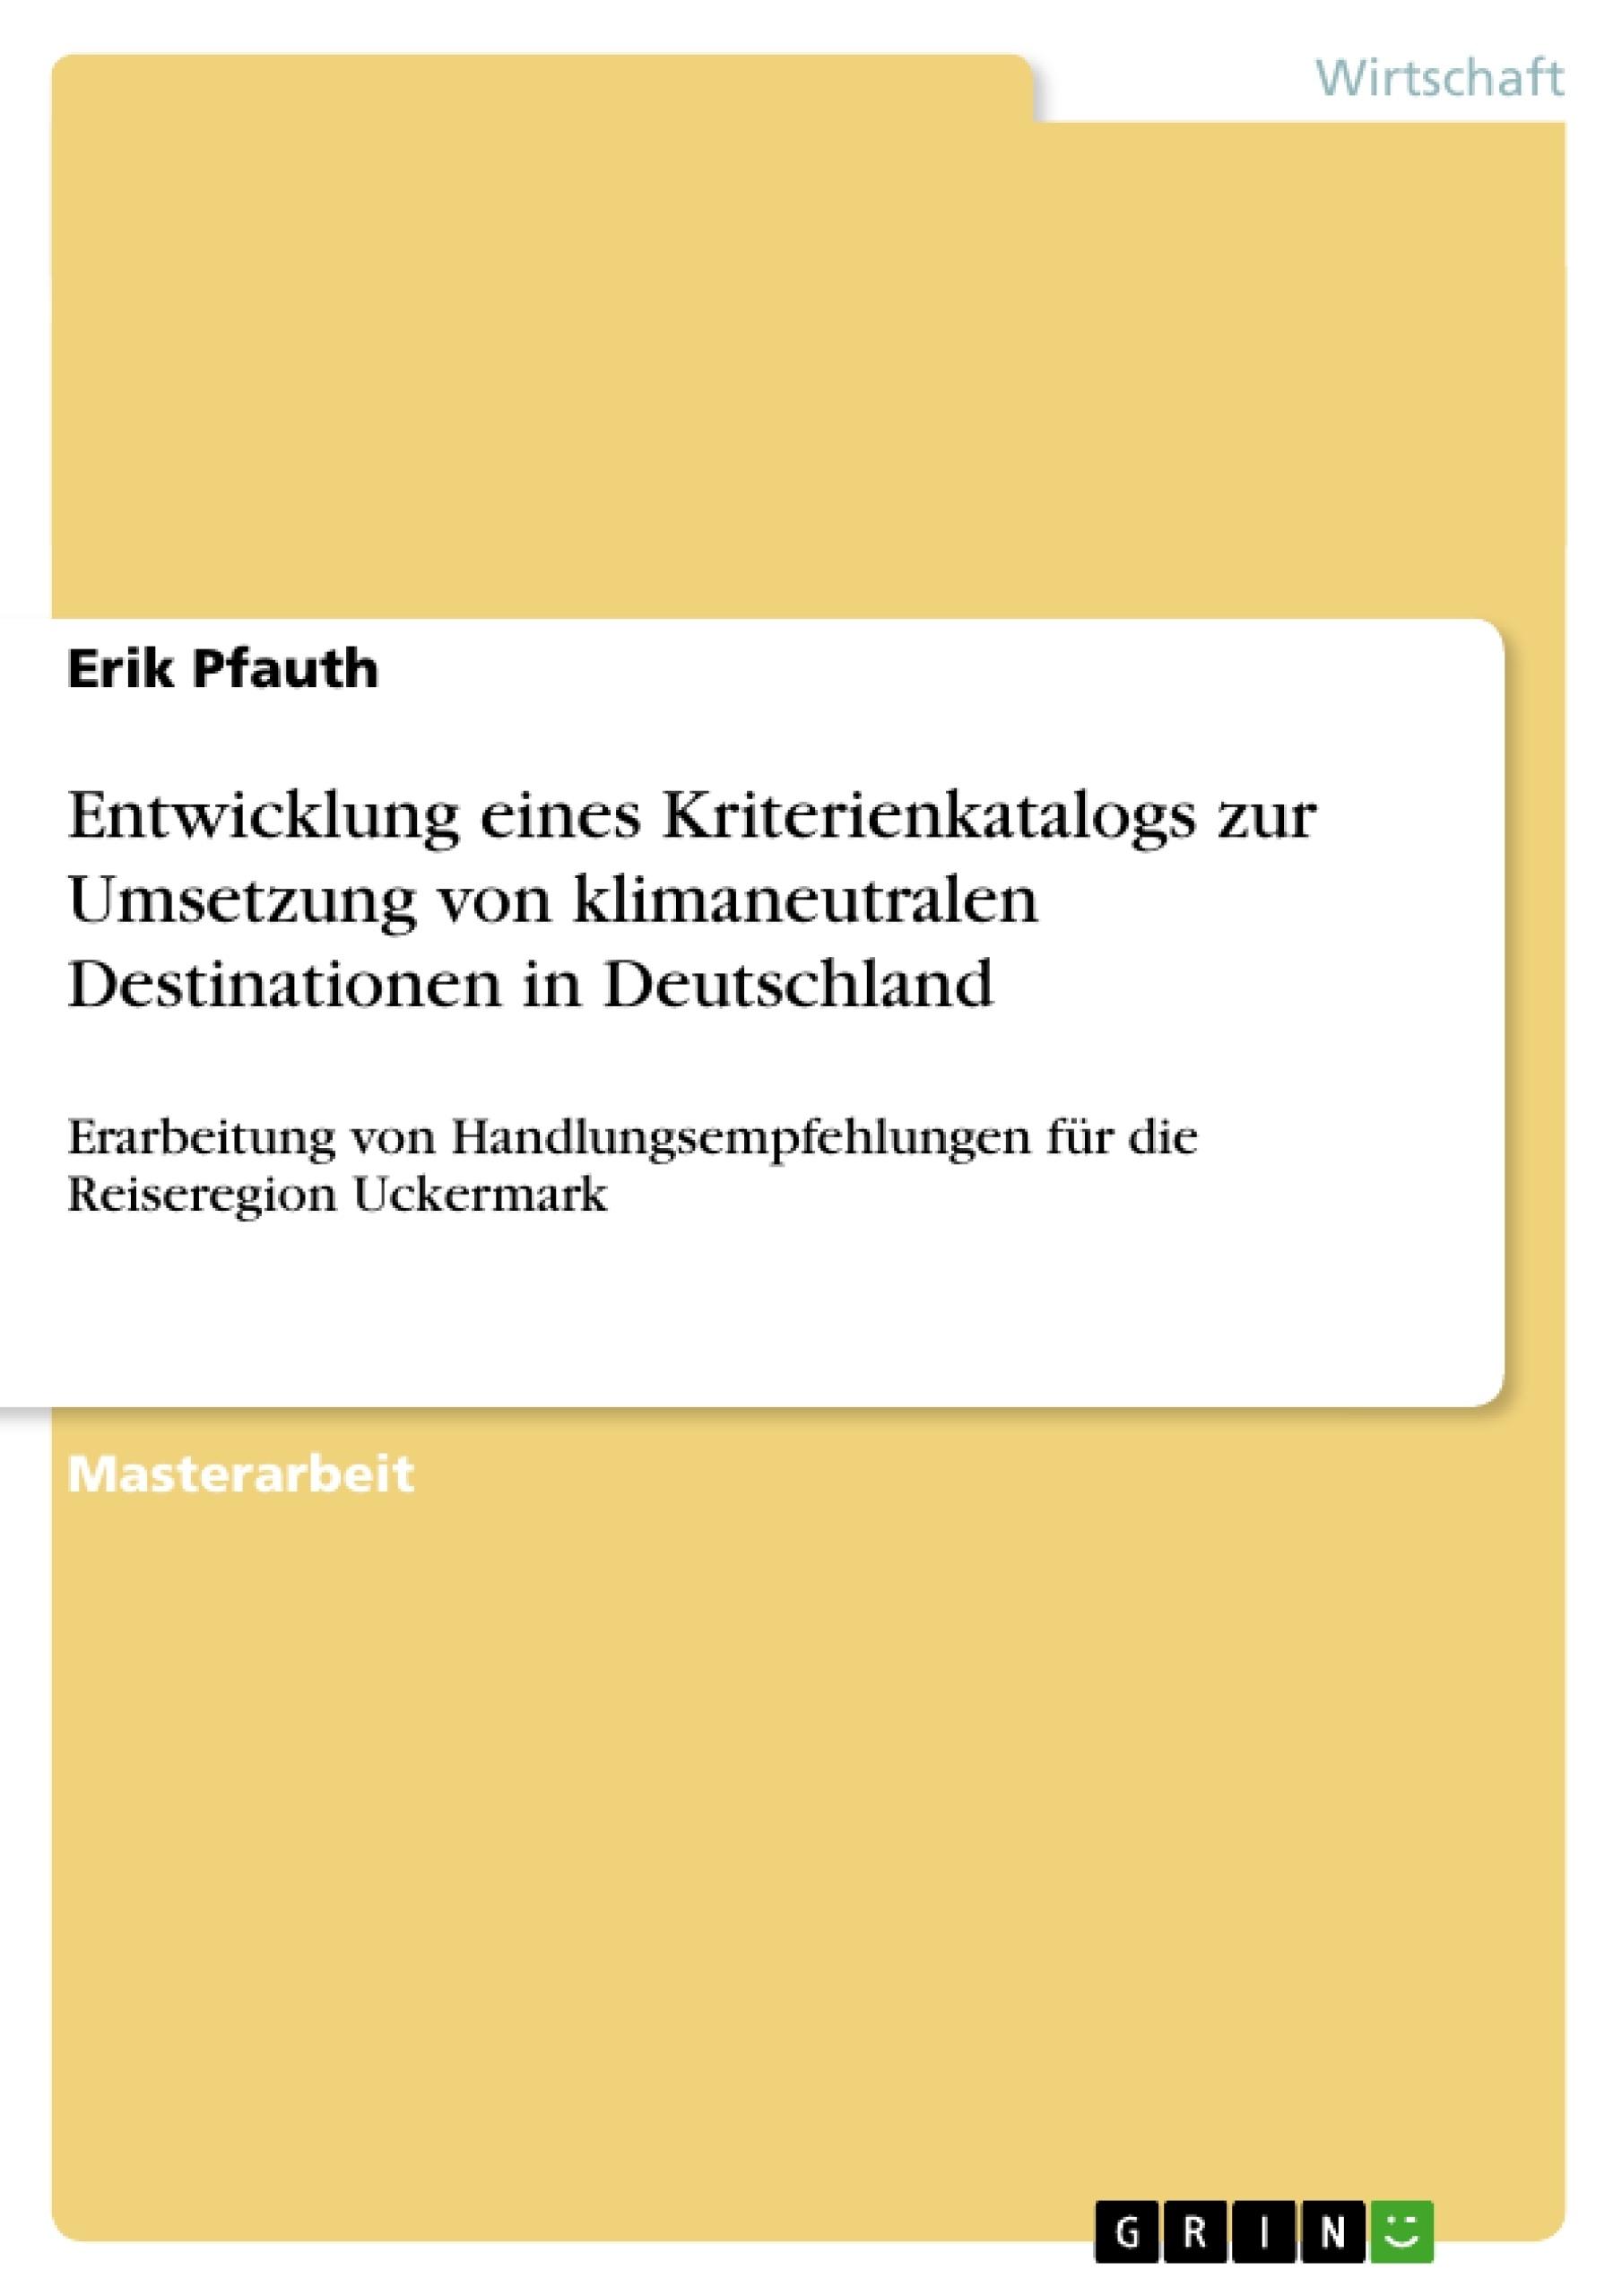 Titel: Entwicklung eines Kriterienkatalogs zur Umsetzung von klimaneutralen Destinationen in Deutschland